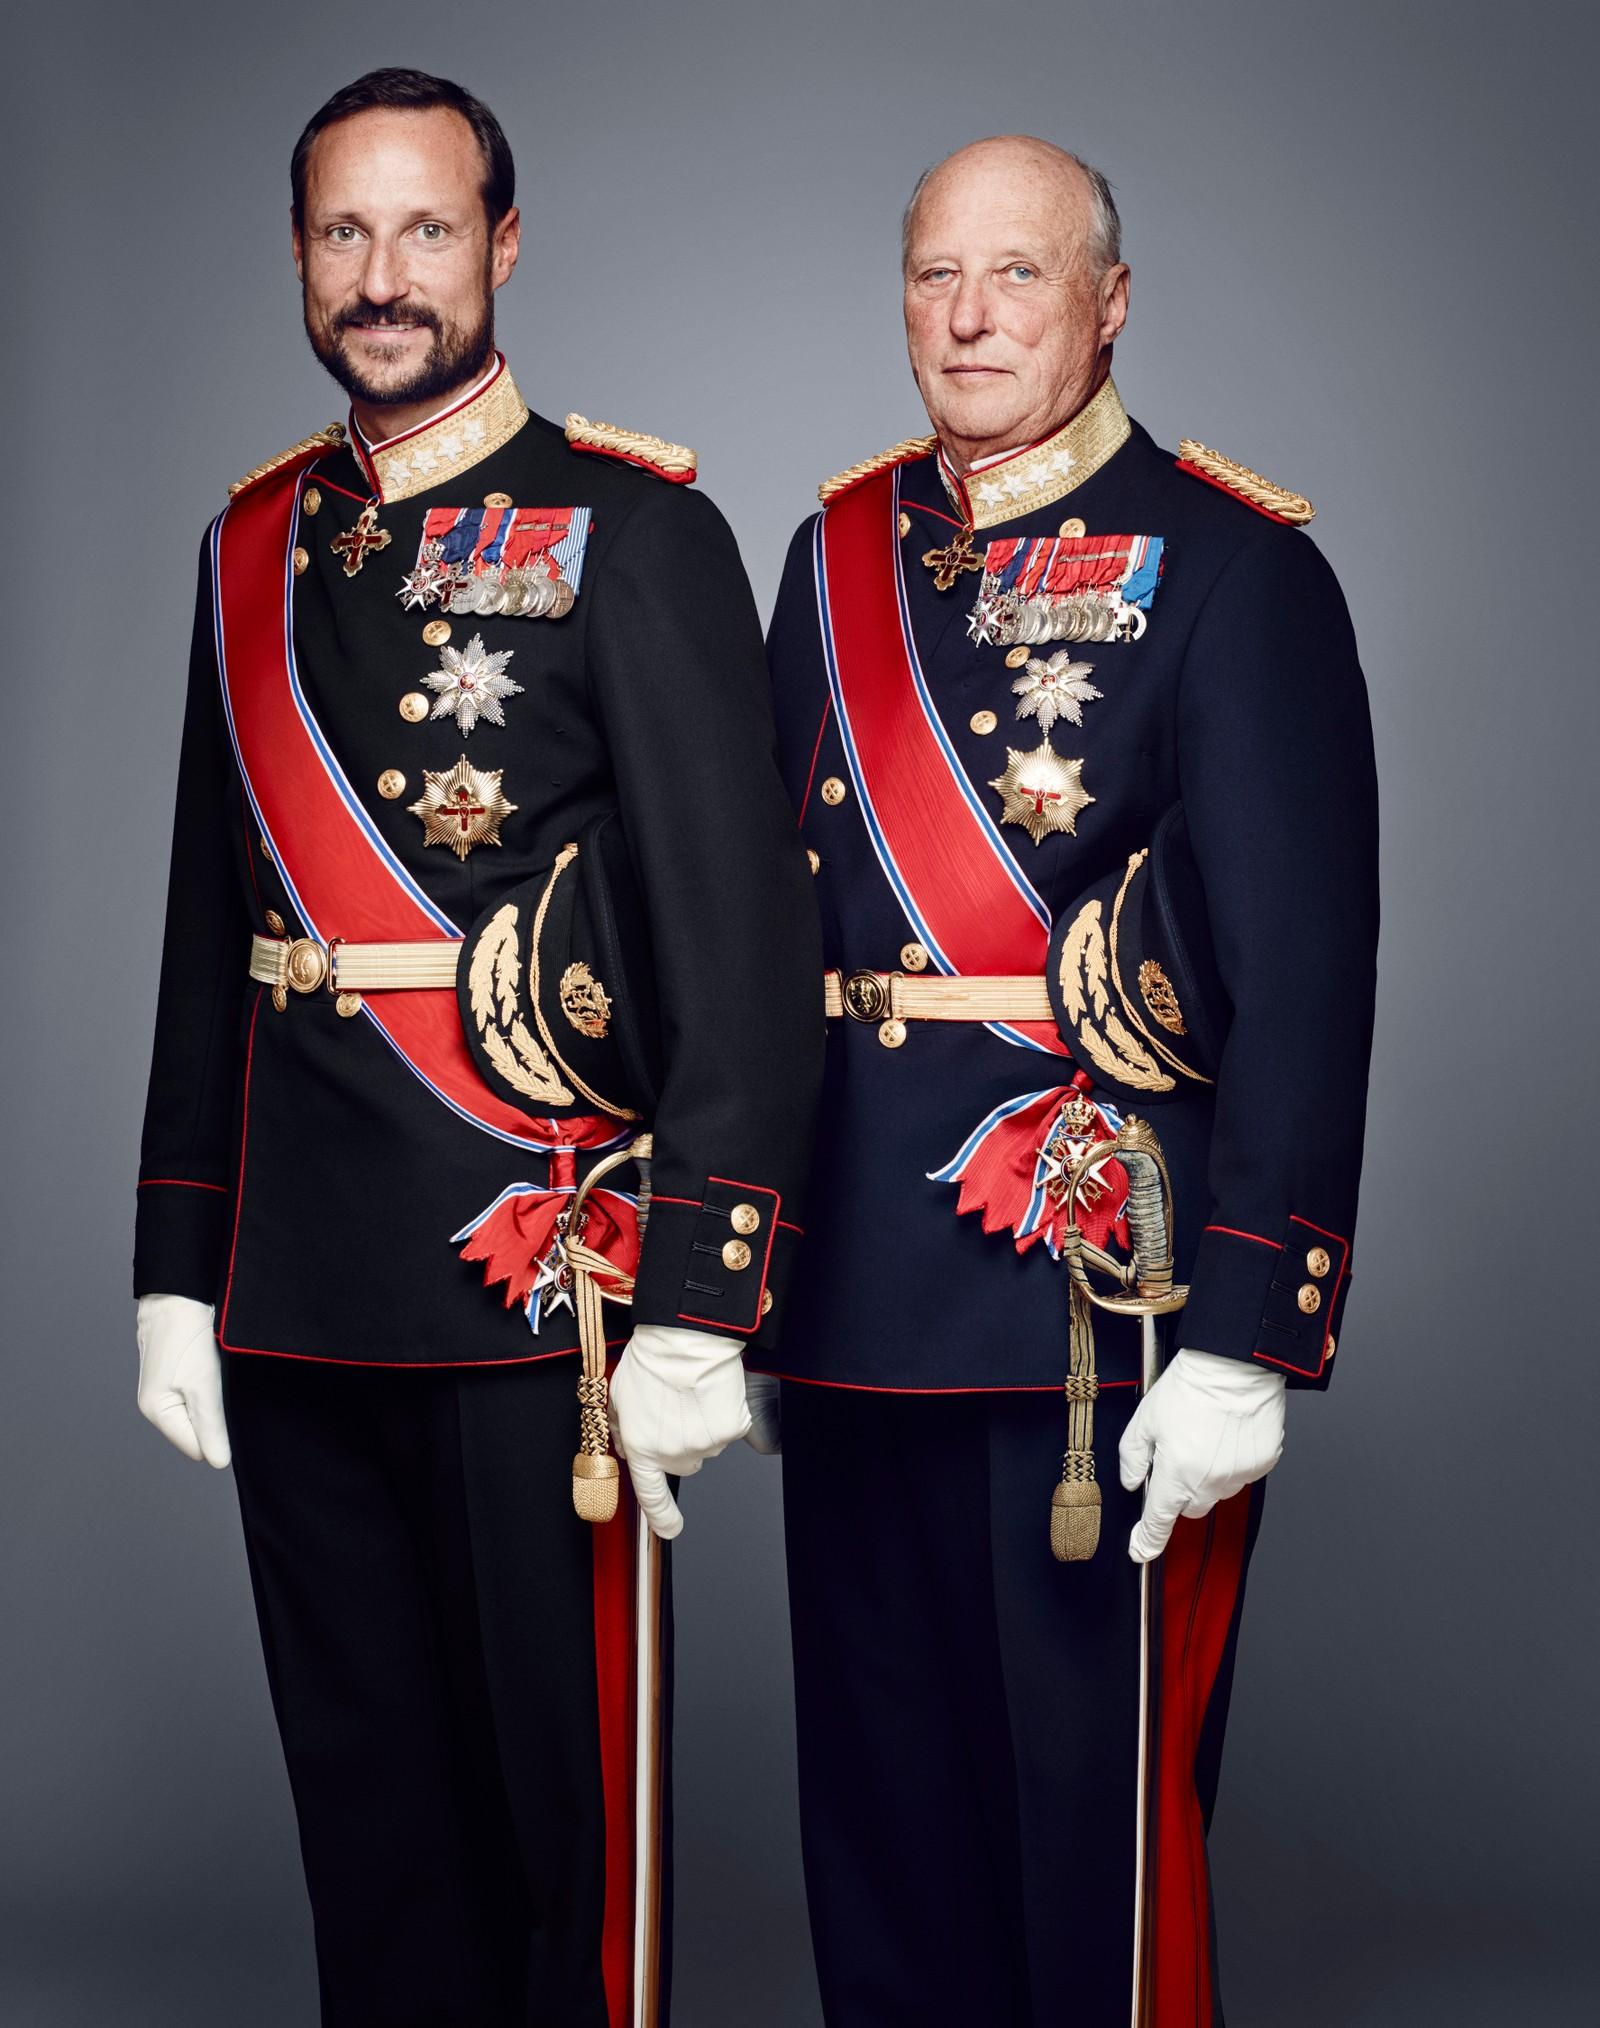 Kronprins Haakon og og hans far kong Harald i gallaantrekk.